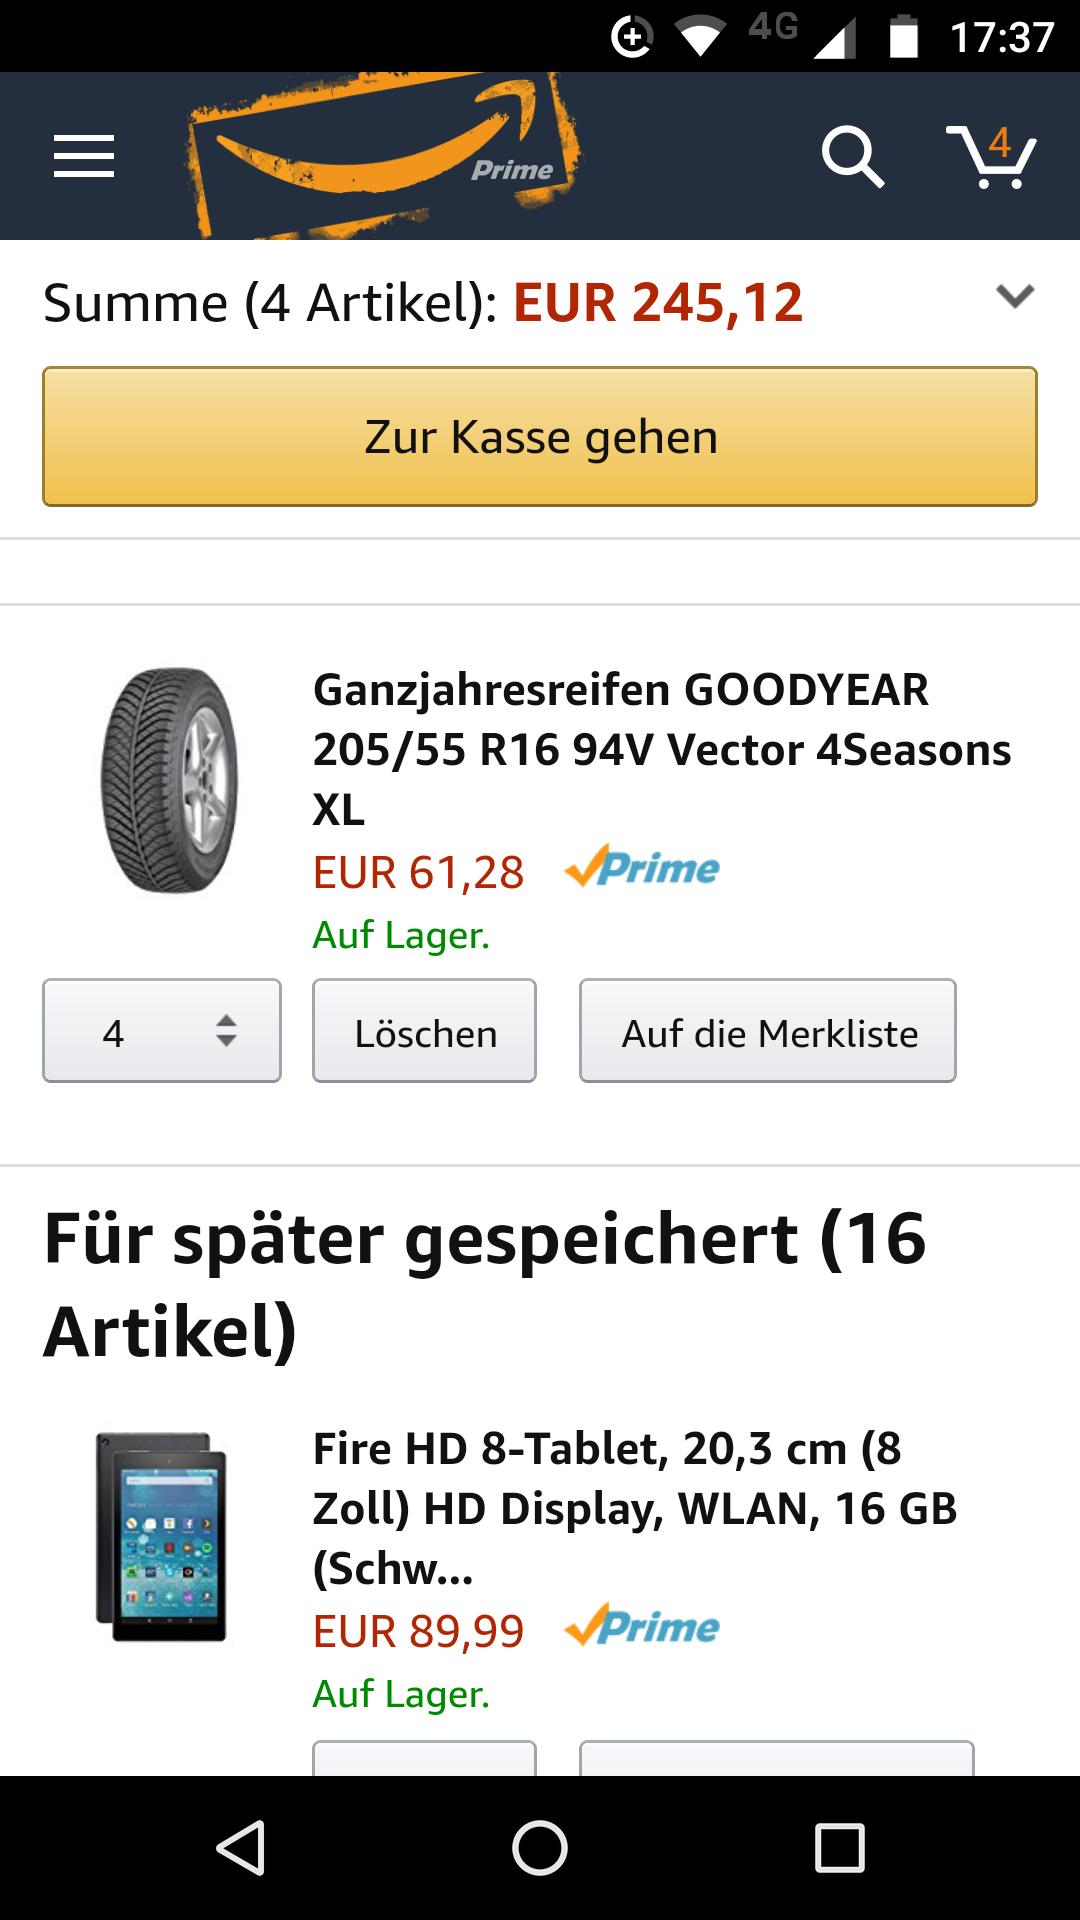 Ganzjahresreifen GOODYEAR 205/55 R16 94V Vector 4Seasons XL